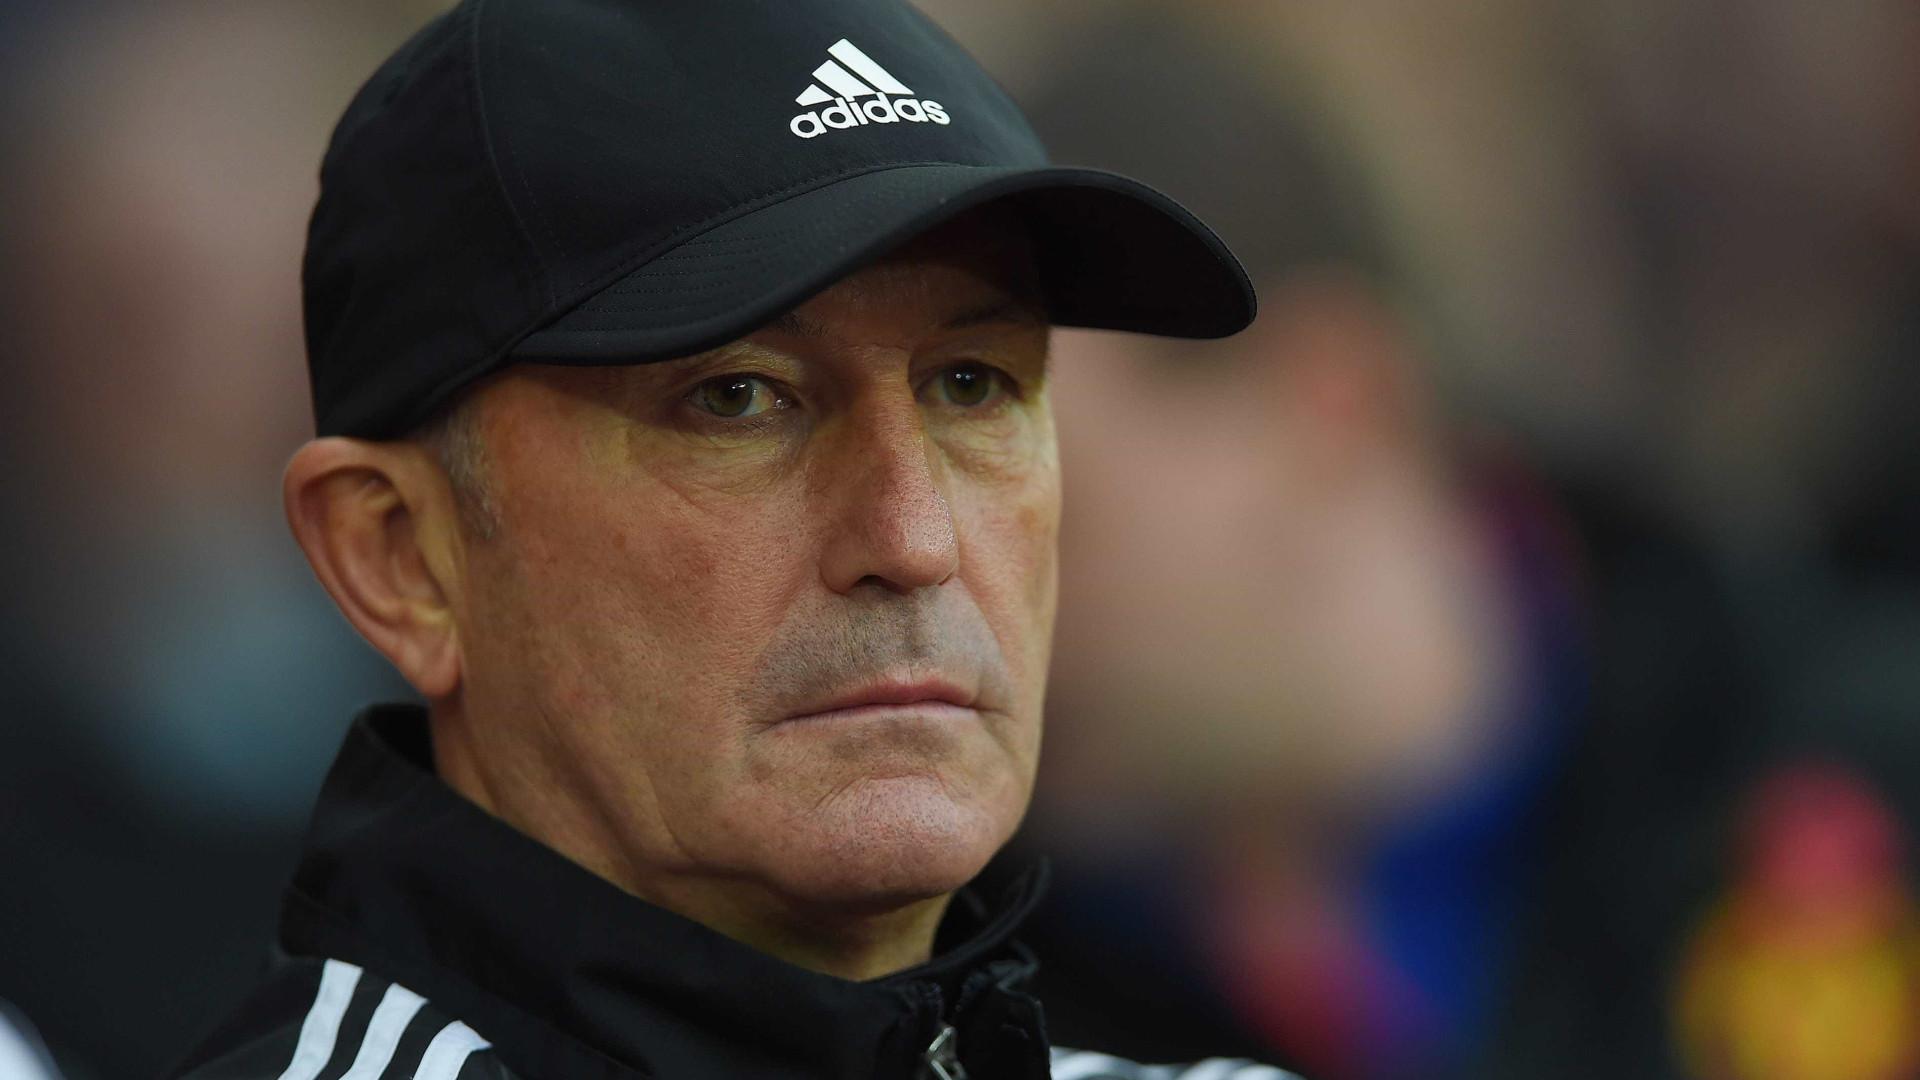 Tony Pulis condenado a indemnizar Crystal Palace em 3,4 milhões